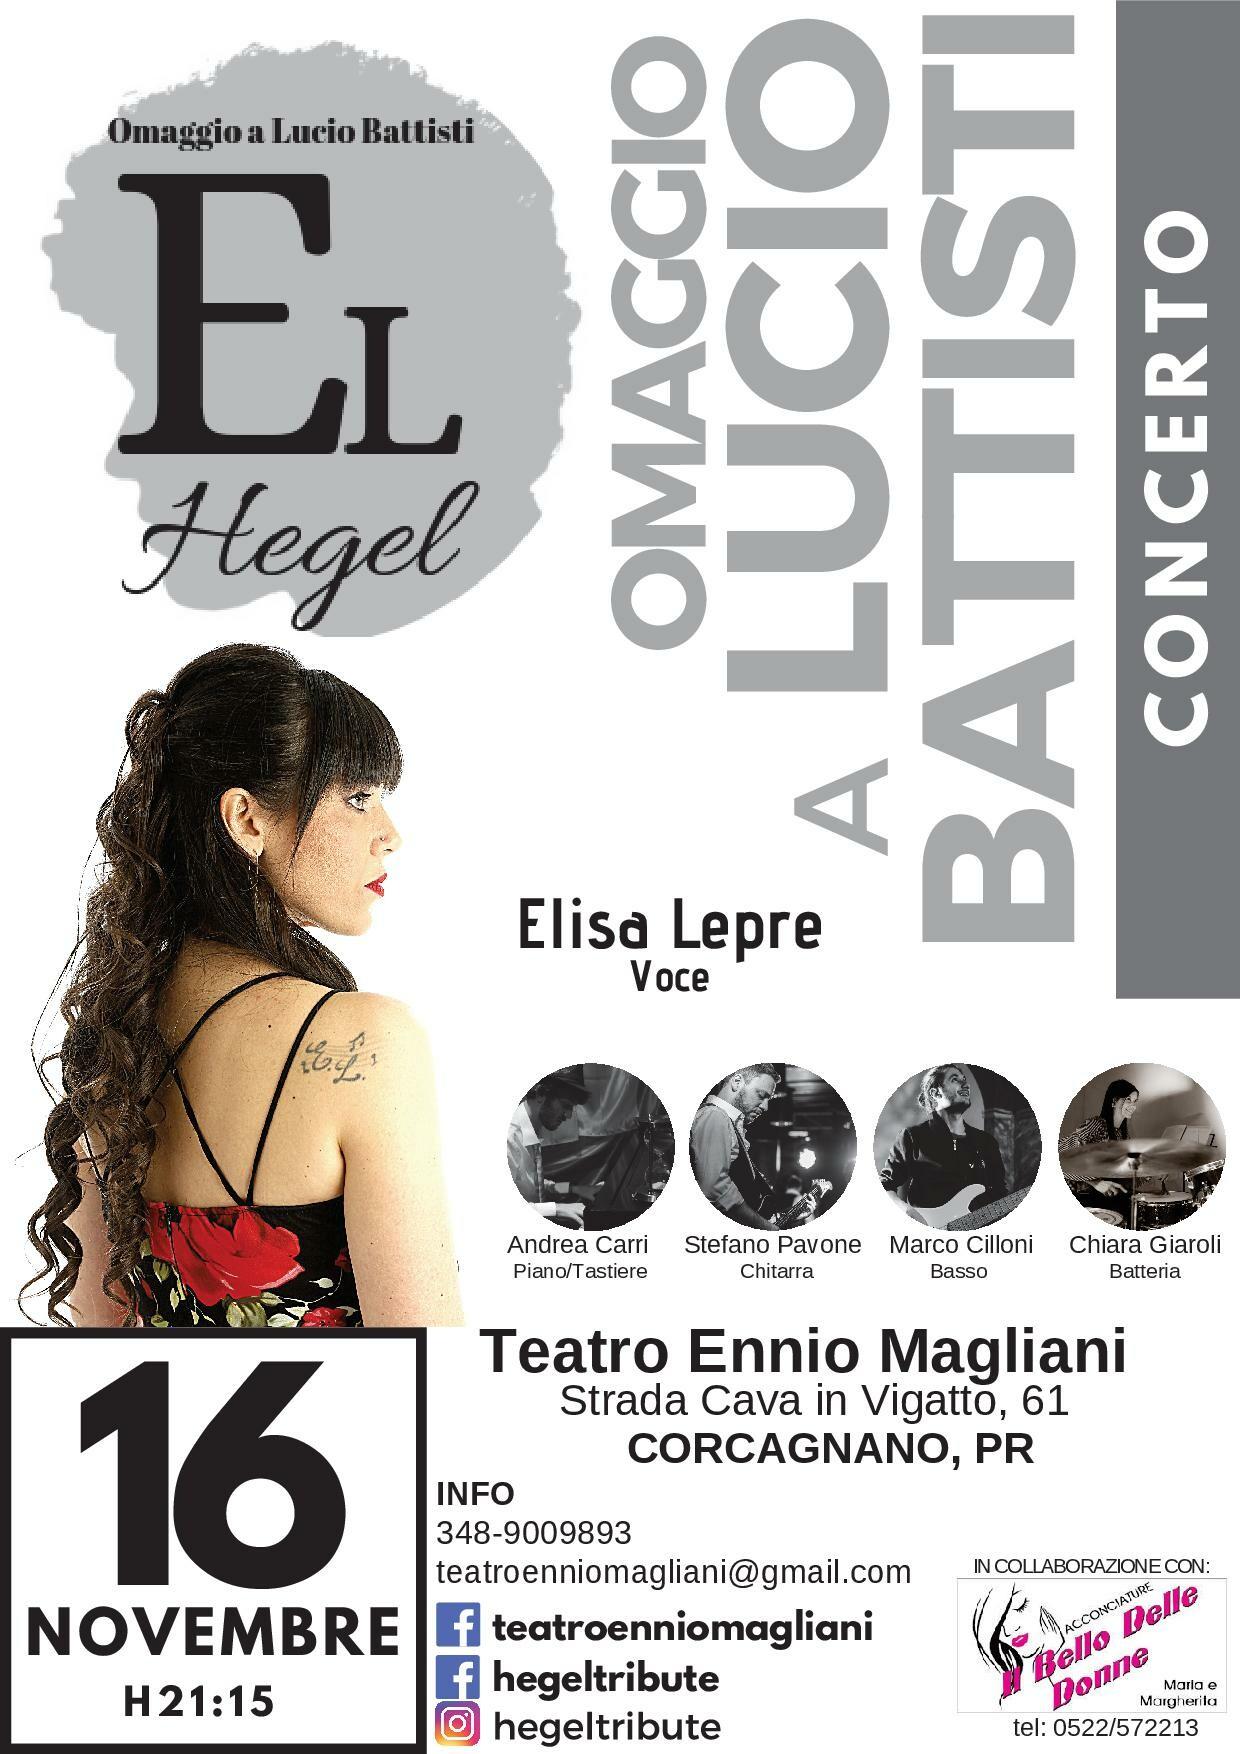 Hegel al Teatro Ennio Magliani: omaggio a Lucio Battisti